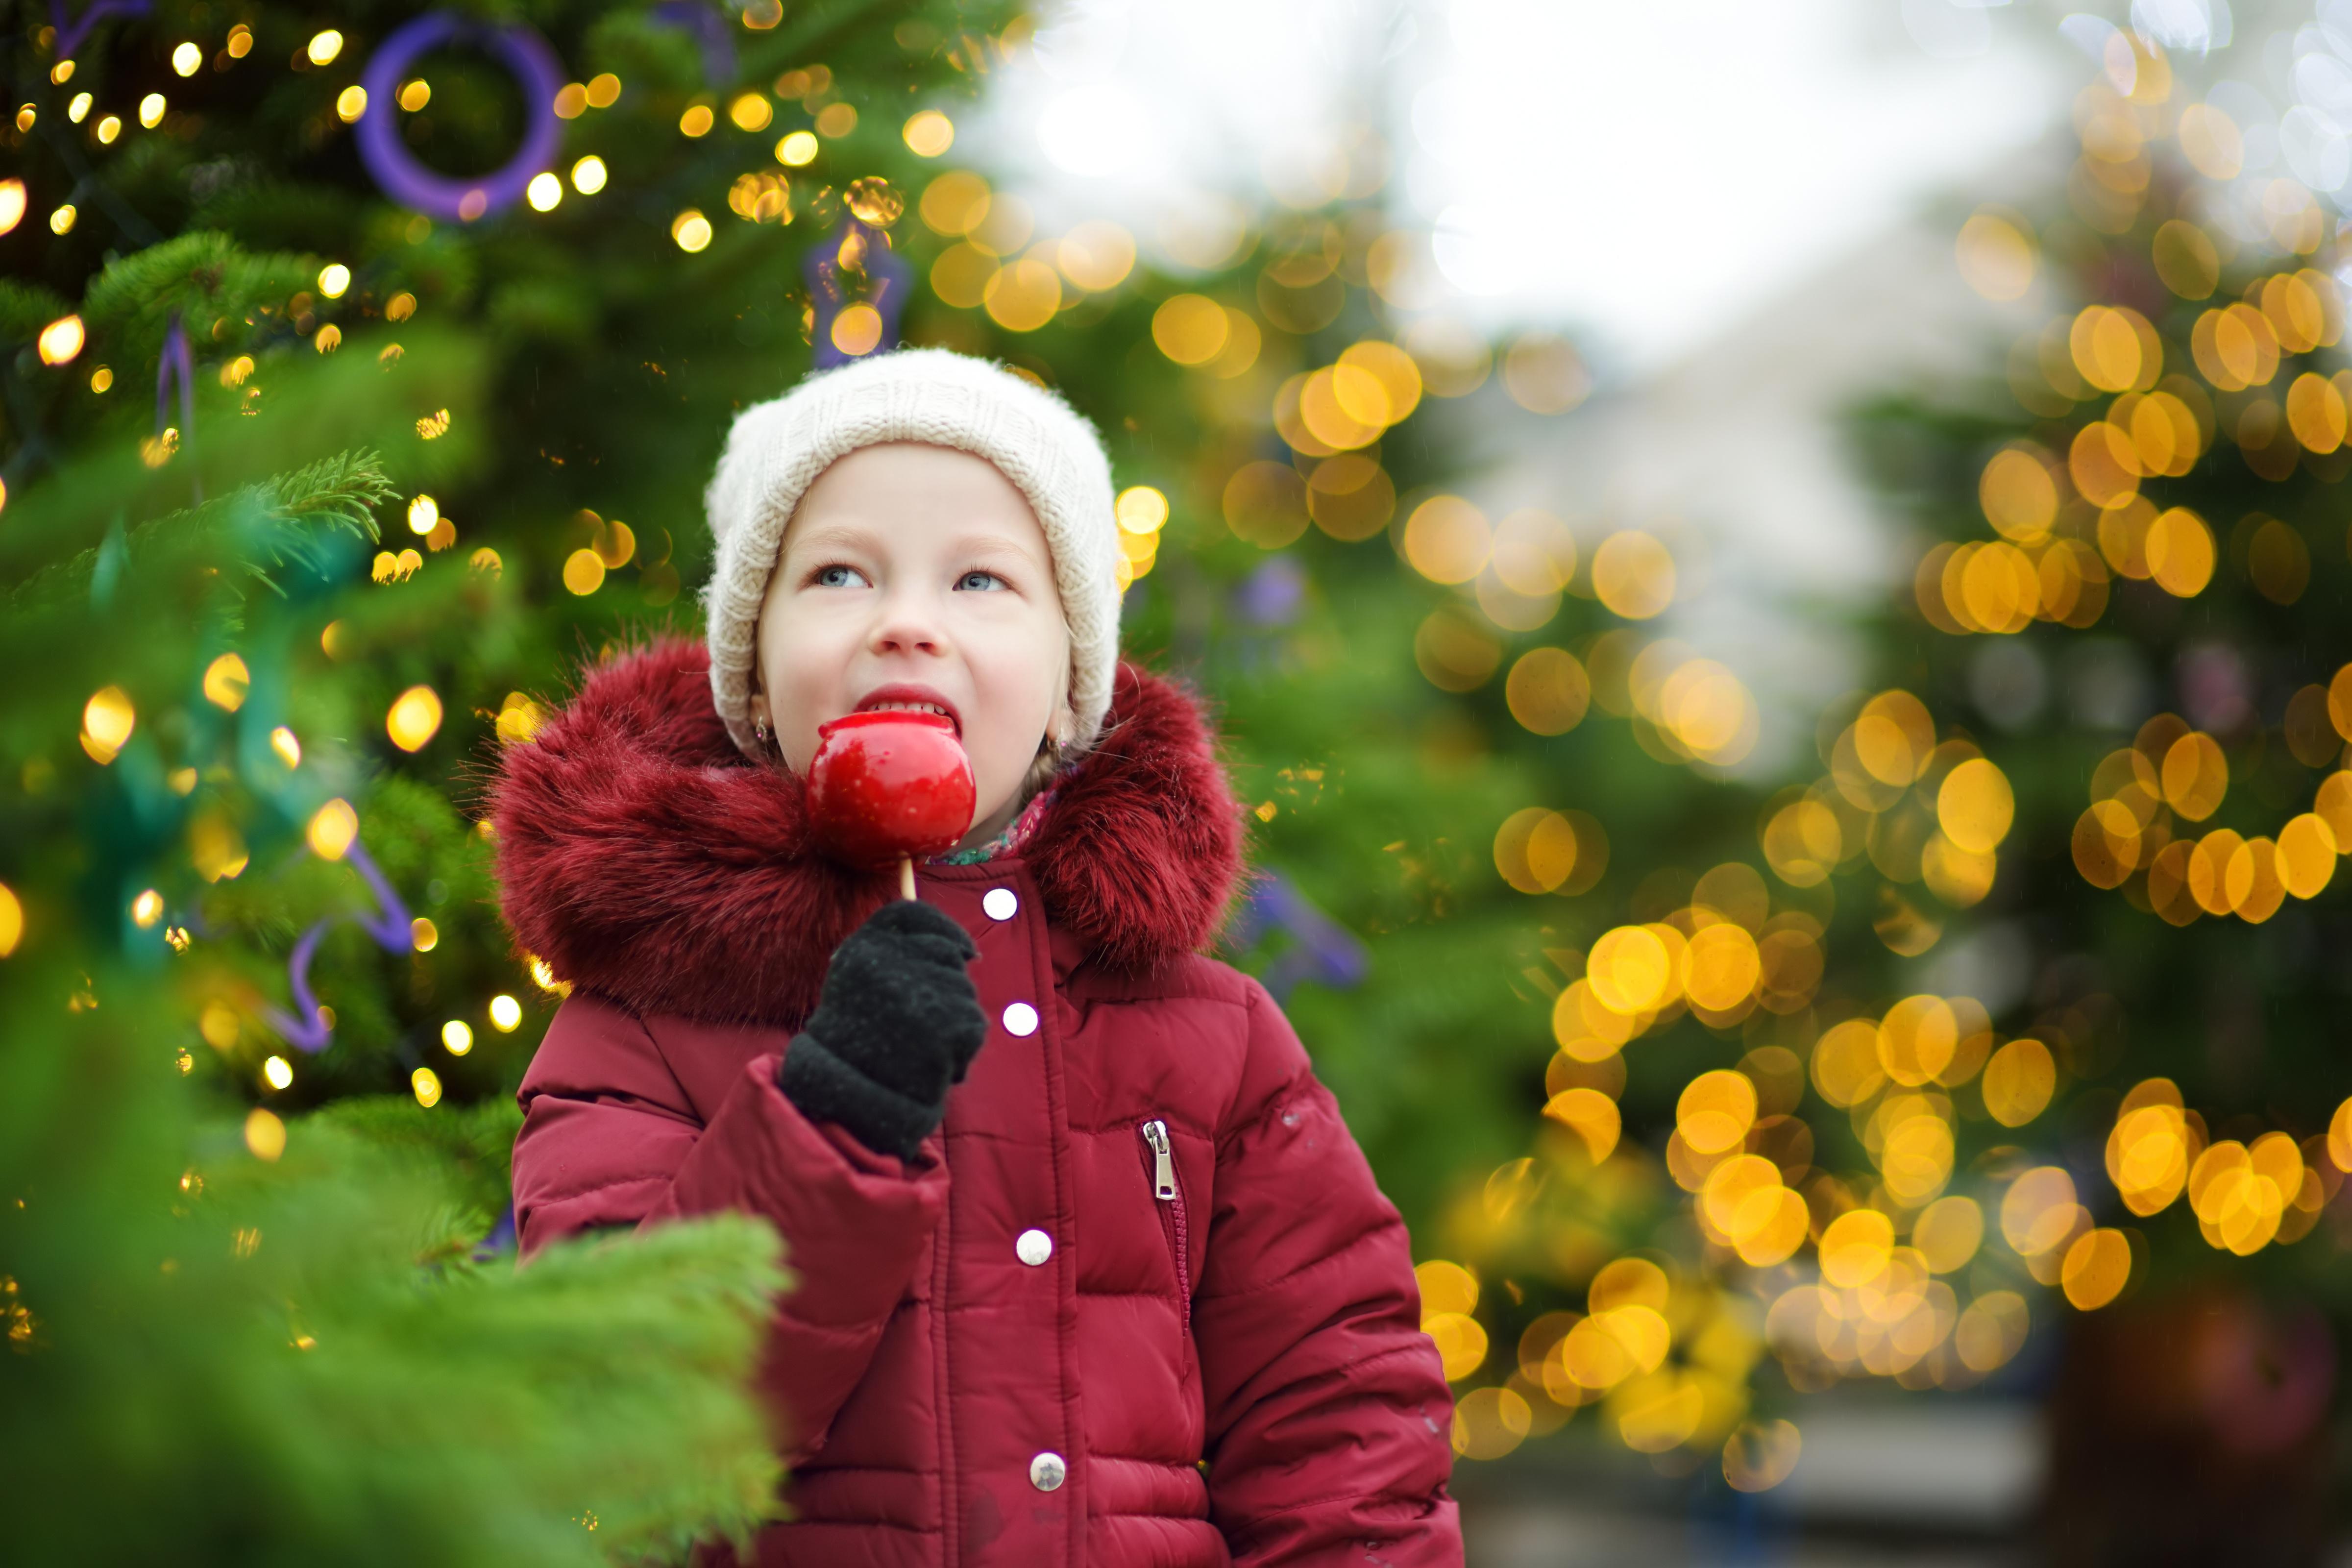 zuviel zucker in der weihnachtszeit so bringen sie ihr kind heil durch. Black Bedroom Furniture Sets. Home Design Ideas